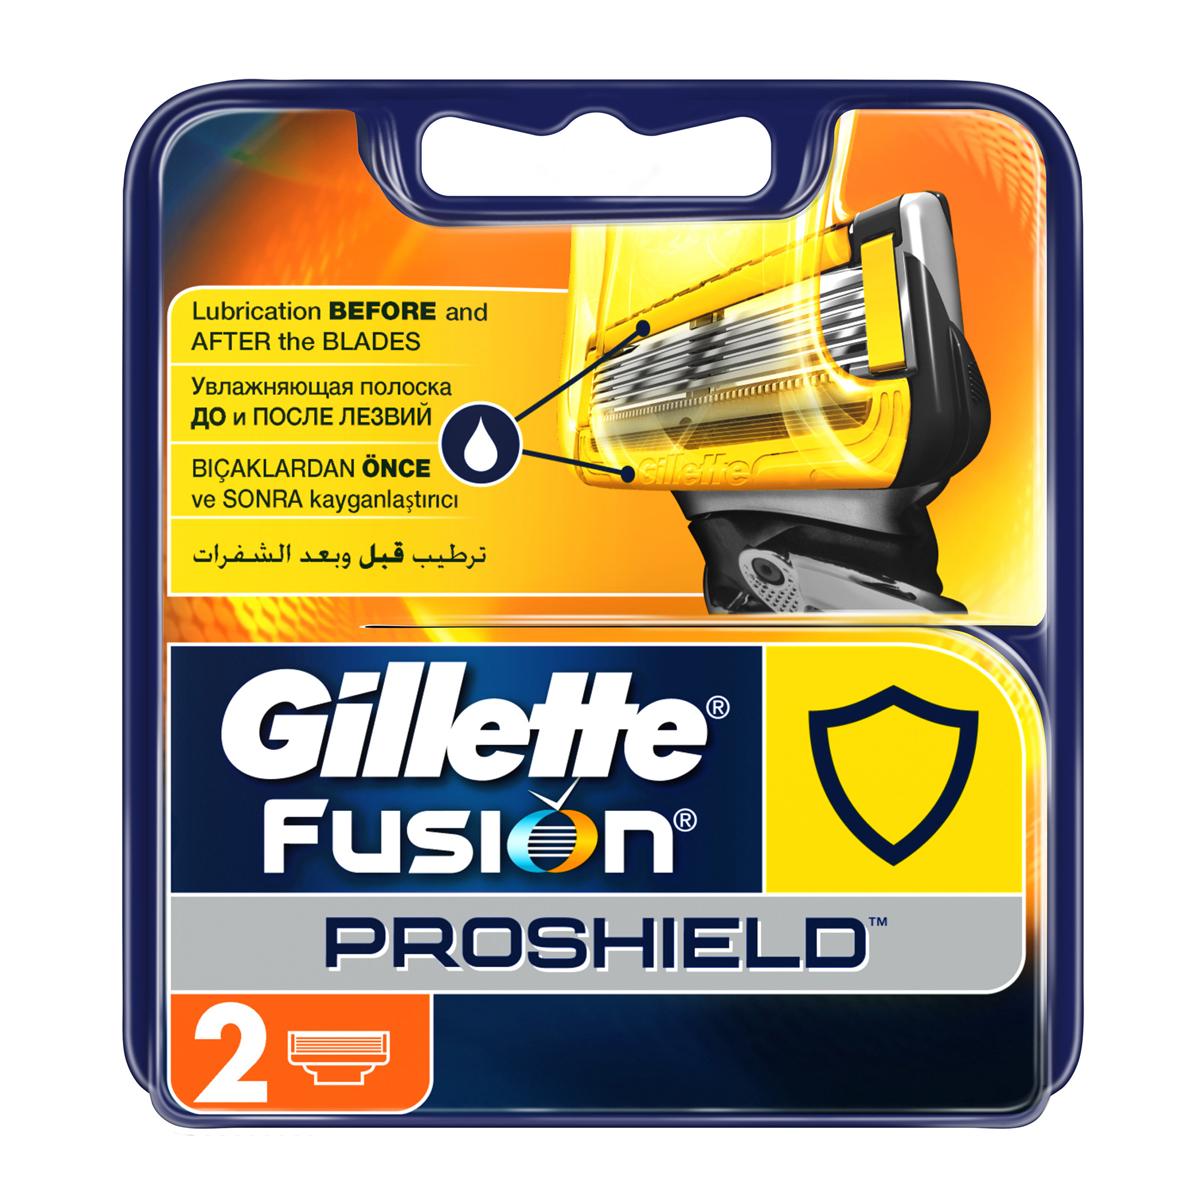 Gillette Сменные кассеты для мужской бритвы Fusion ProShield, 2 штGIL-81543450Лезвия для мужской бритвы Gillette Fusion ProShield защищают во время бритья.Смазывающая полоска ProShield до и после бритья создает защитный слой, который снижает раздражение. Gillette Fusion ProShield — наиболее усовершенствованная бритва Gillette. Ищите желтые лезвия и ручку. Смазывающая полоска Gillette Fusion ProShield до и после бритья защищает от раздражения Пять точных лезвий сбривают волосы без усилий и с меньшим трением*, гарантируя максимальный комфорт (*в сравнении с Fusion) Точное лезвие-триммер на обратной стороне кассеты для придания более четкого контура 2 сменные кассеты Лезвия подходят для всех ручек Fusion и ProGlide